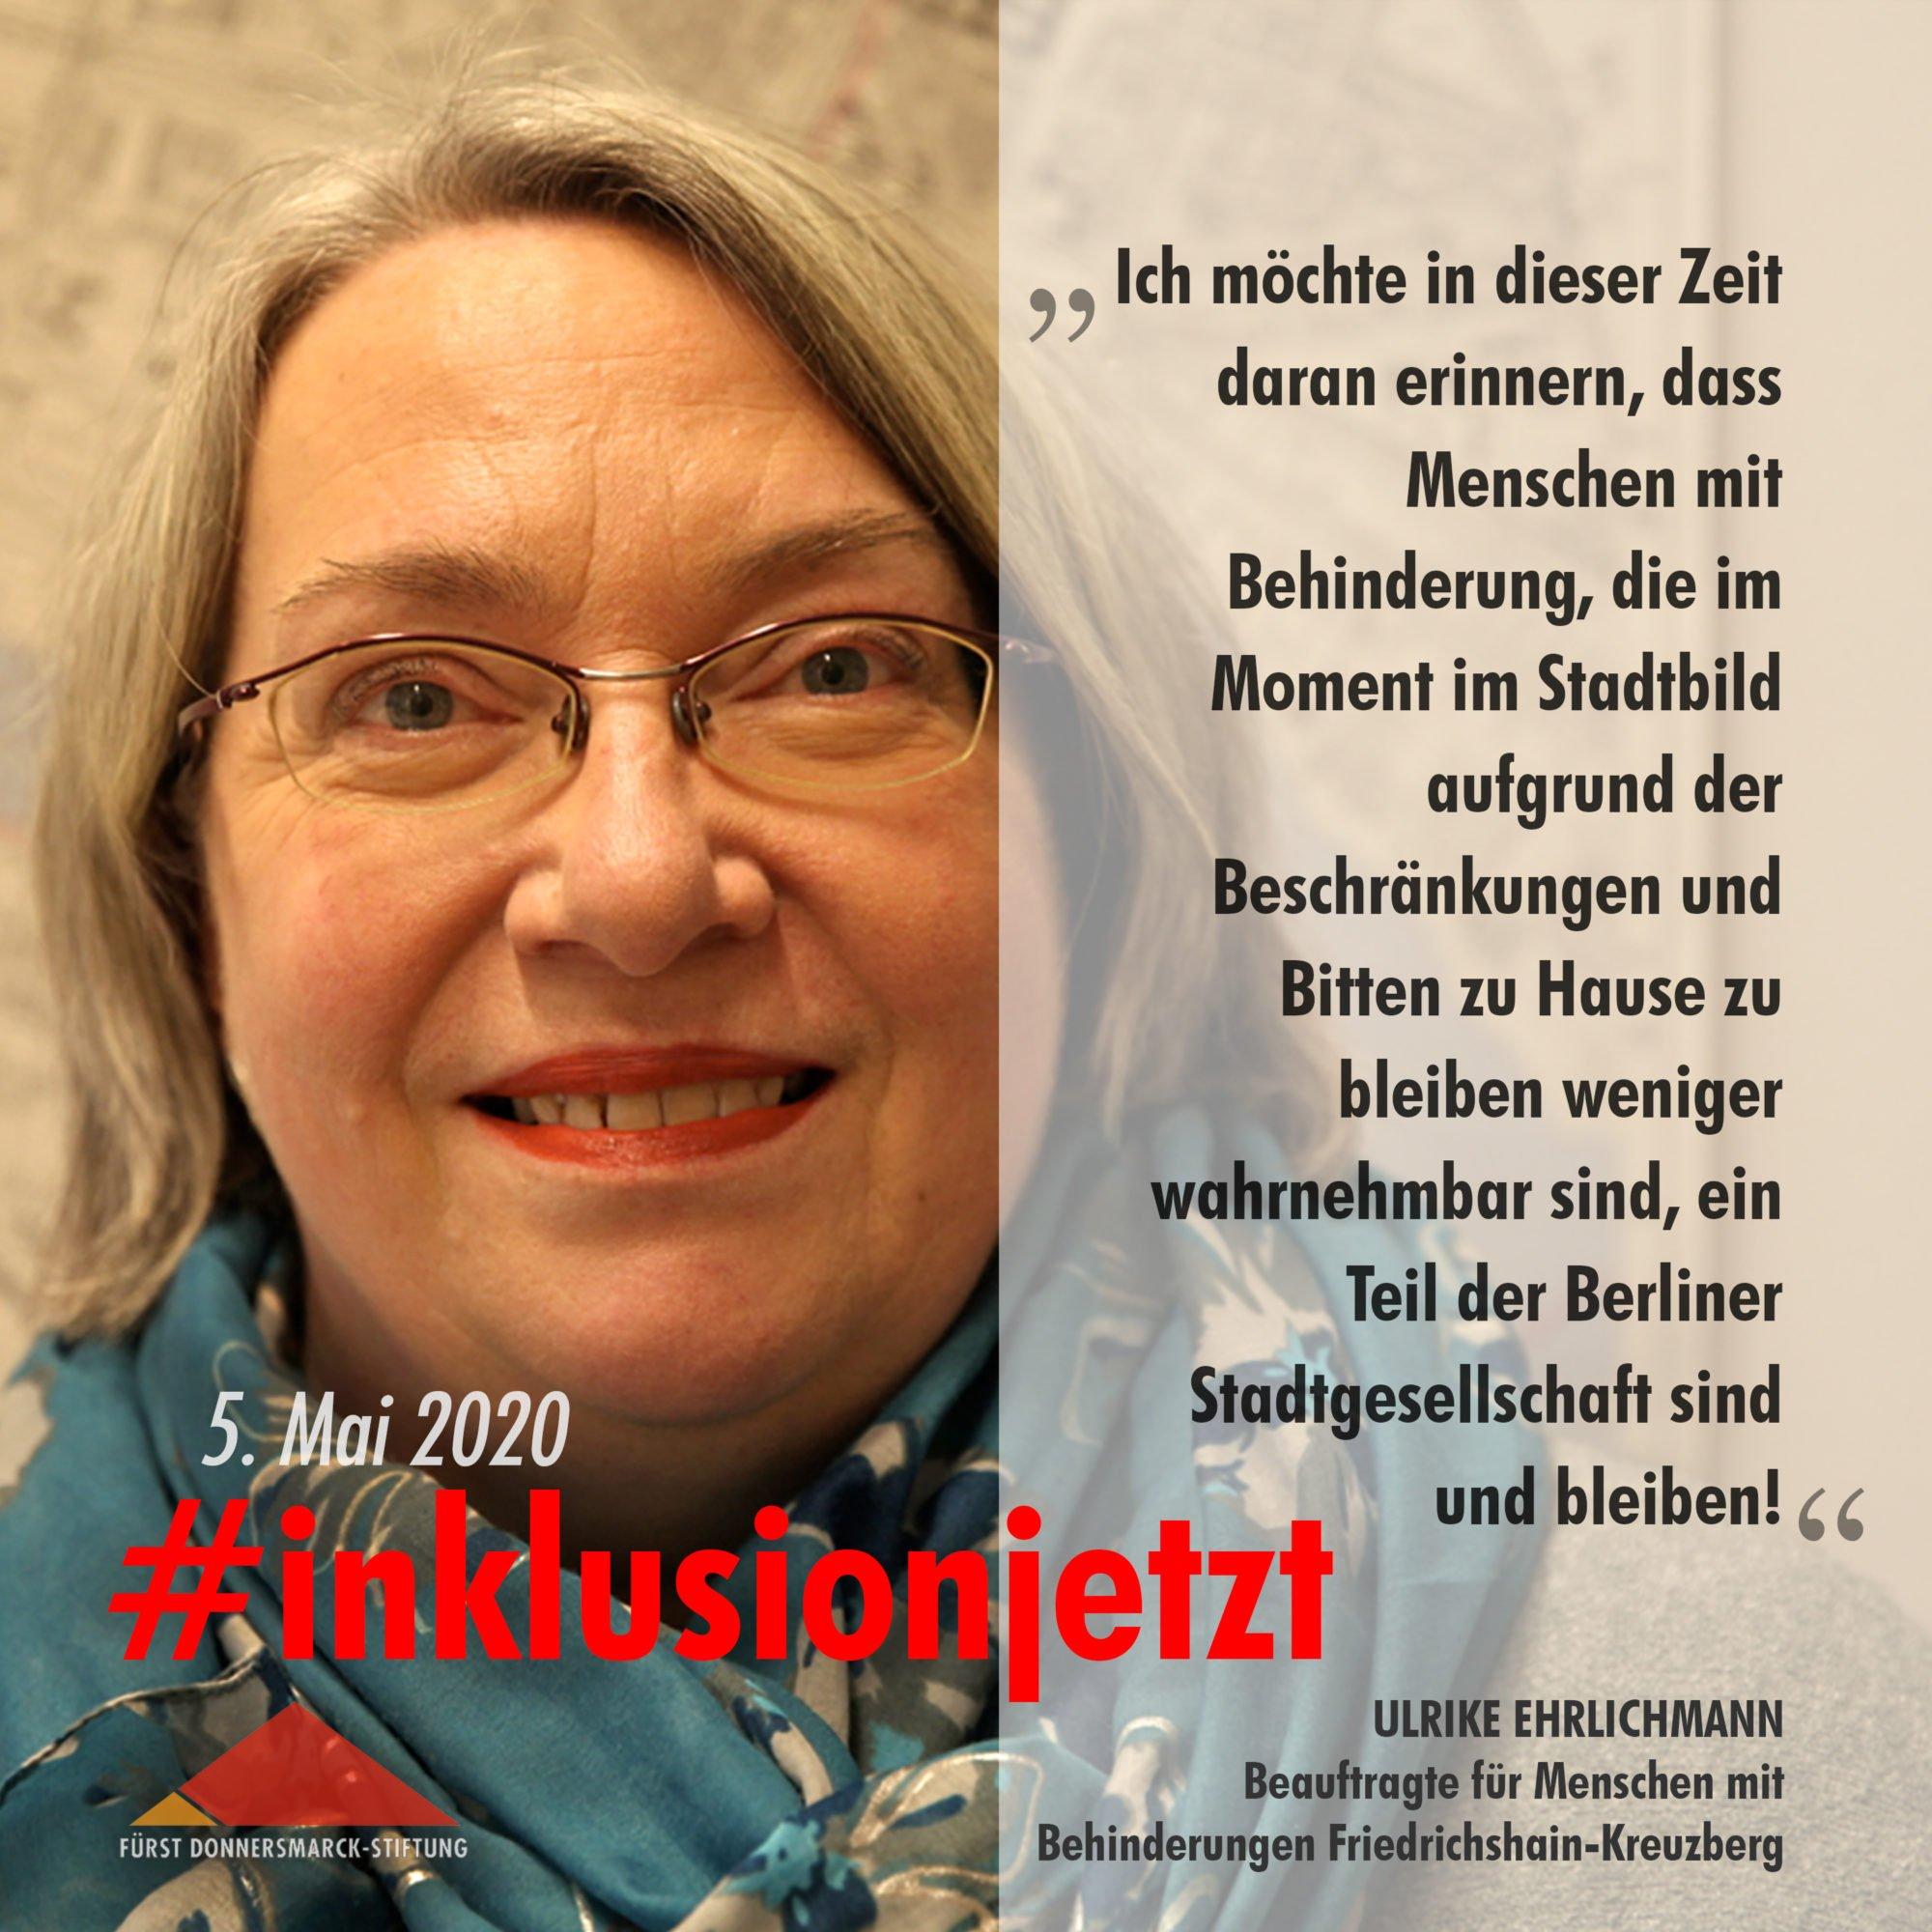 Text: Ich möchte in dieser Zeit daran erinnern, dass Menschen mit Behinderung, die im Moment im Stadtbild aufgrund der Beschränkungen und Bitten zu Hause zu bleiben weniger wahrnehmbar sind, ein Teil der Berliner Stadtgesellschaft sind und bleiben!